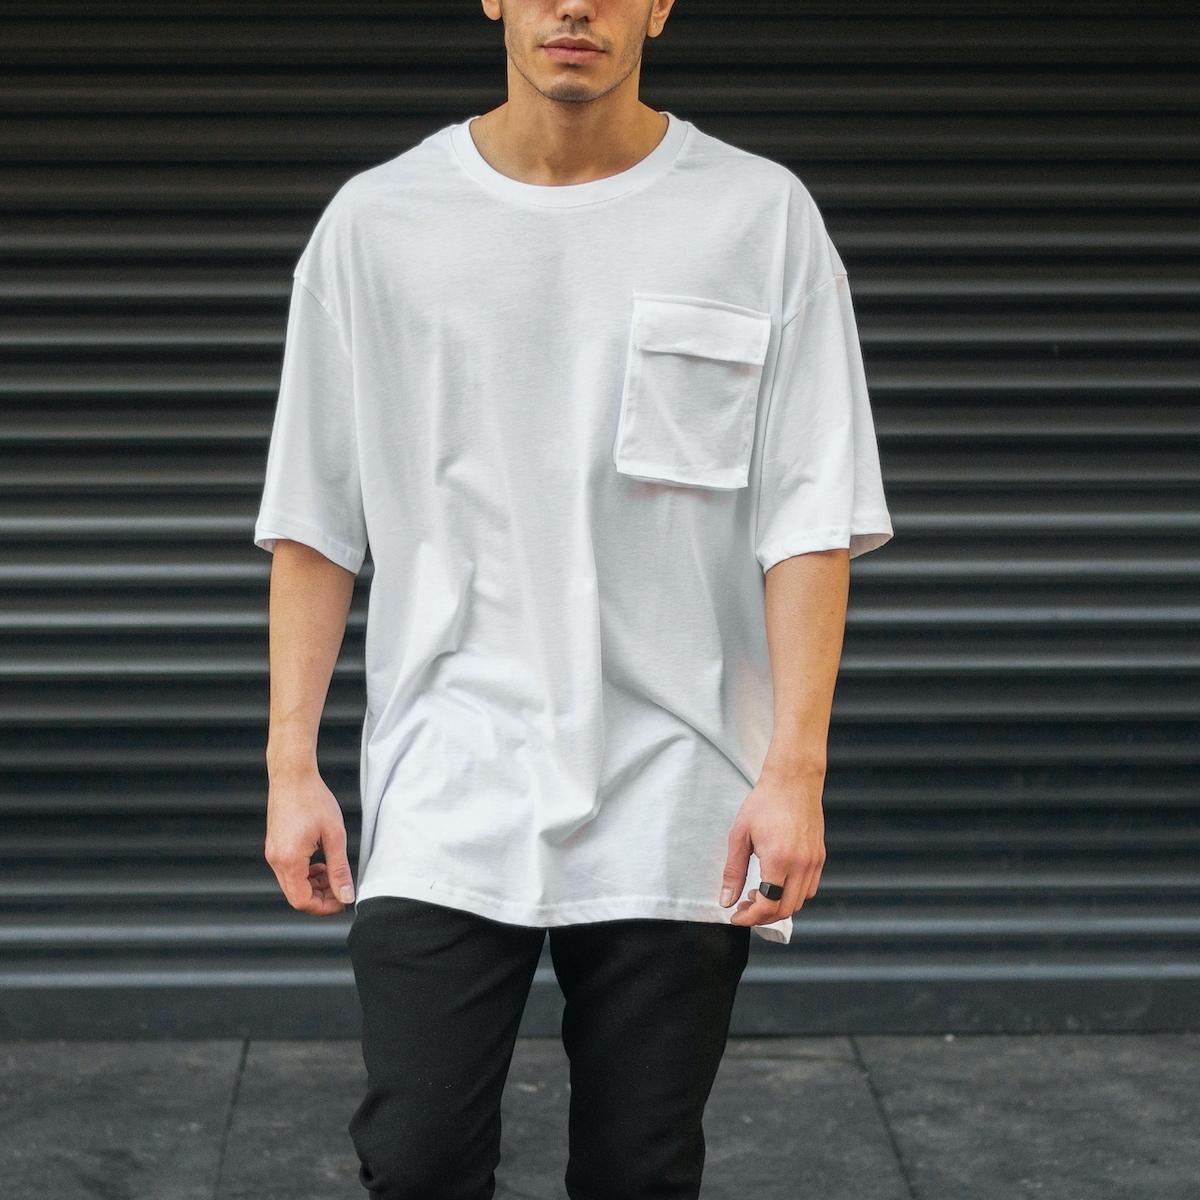 Erkek Yuvarlak Yaka Oversize T-Shirt Cep Detaylı Beyaz